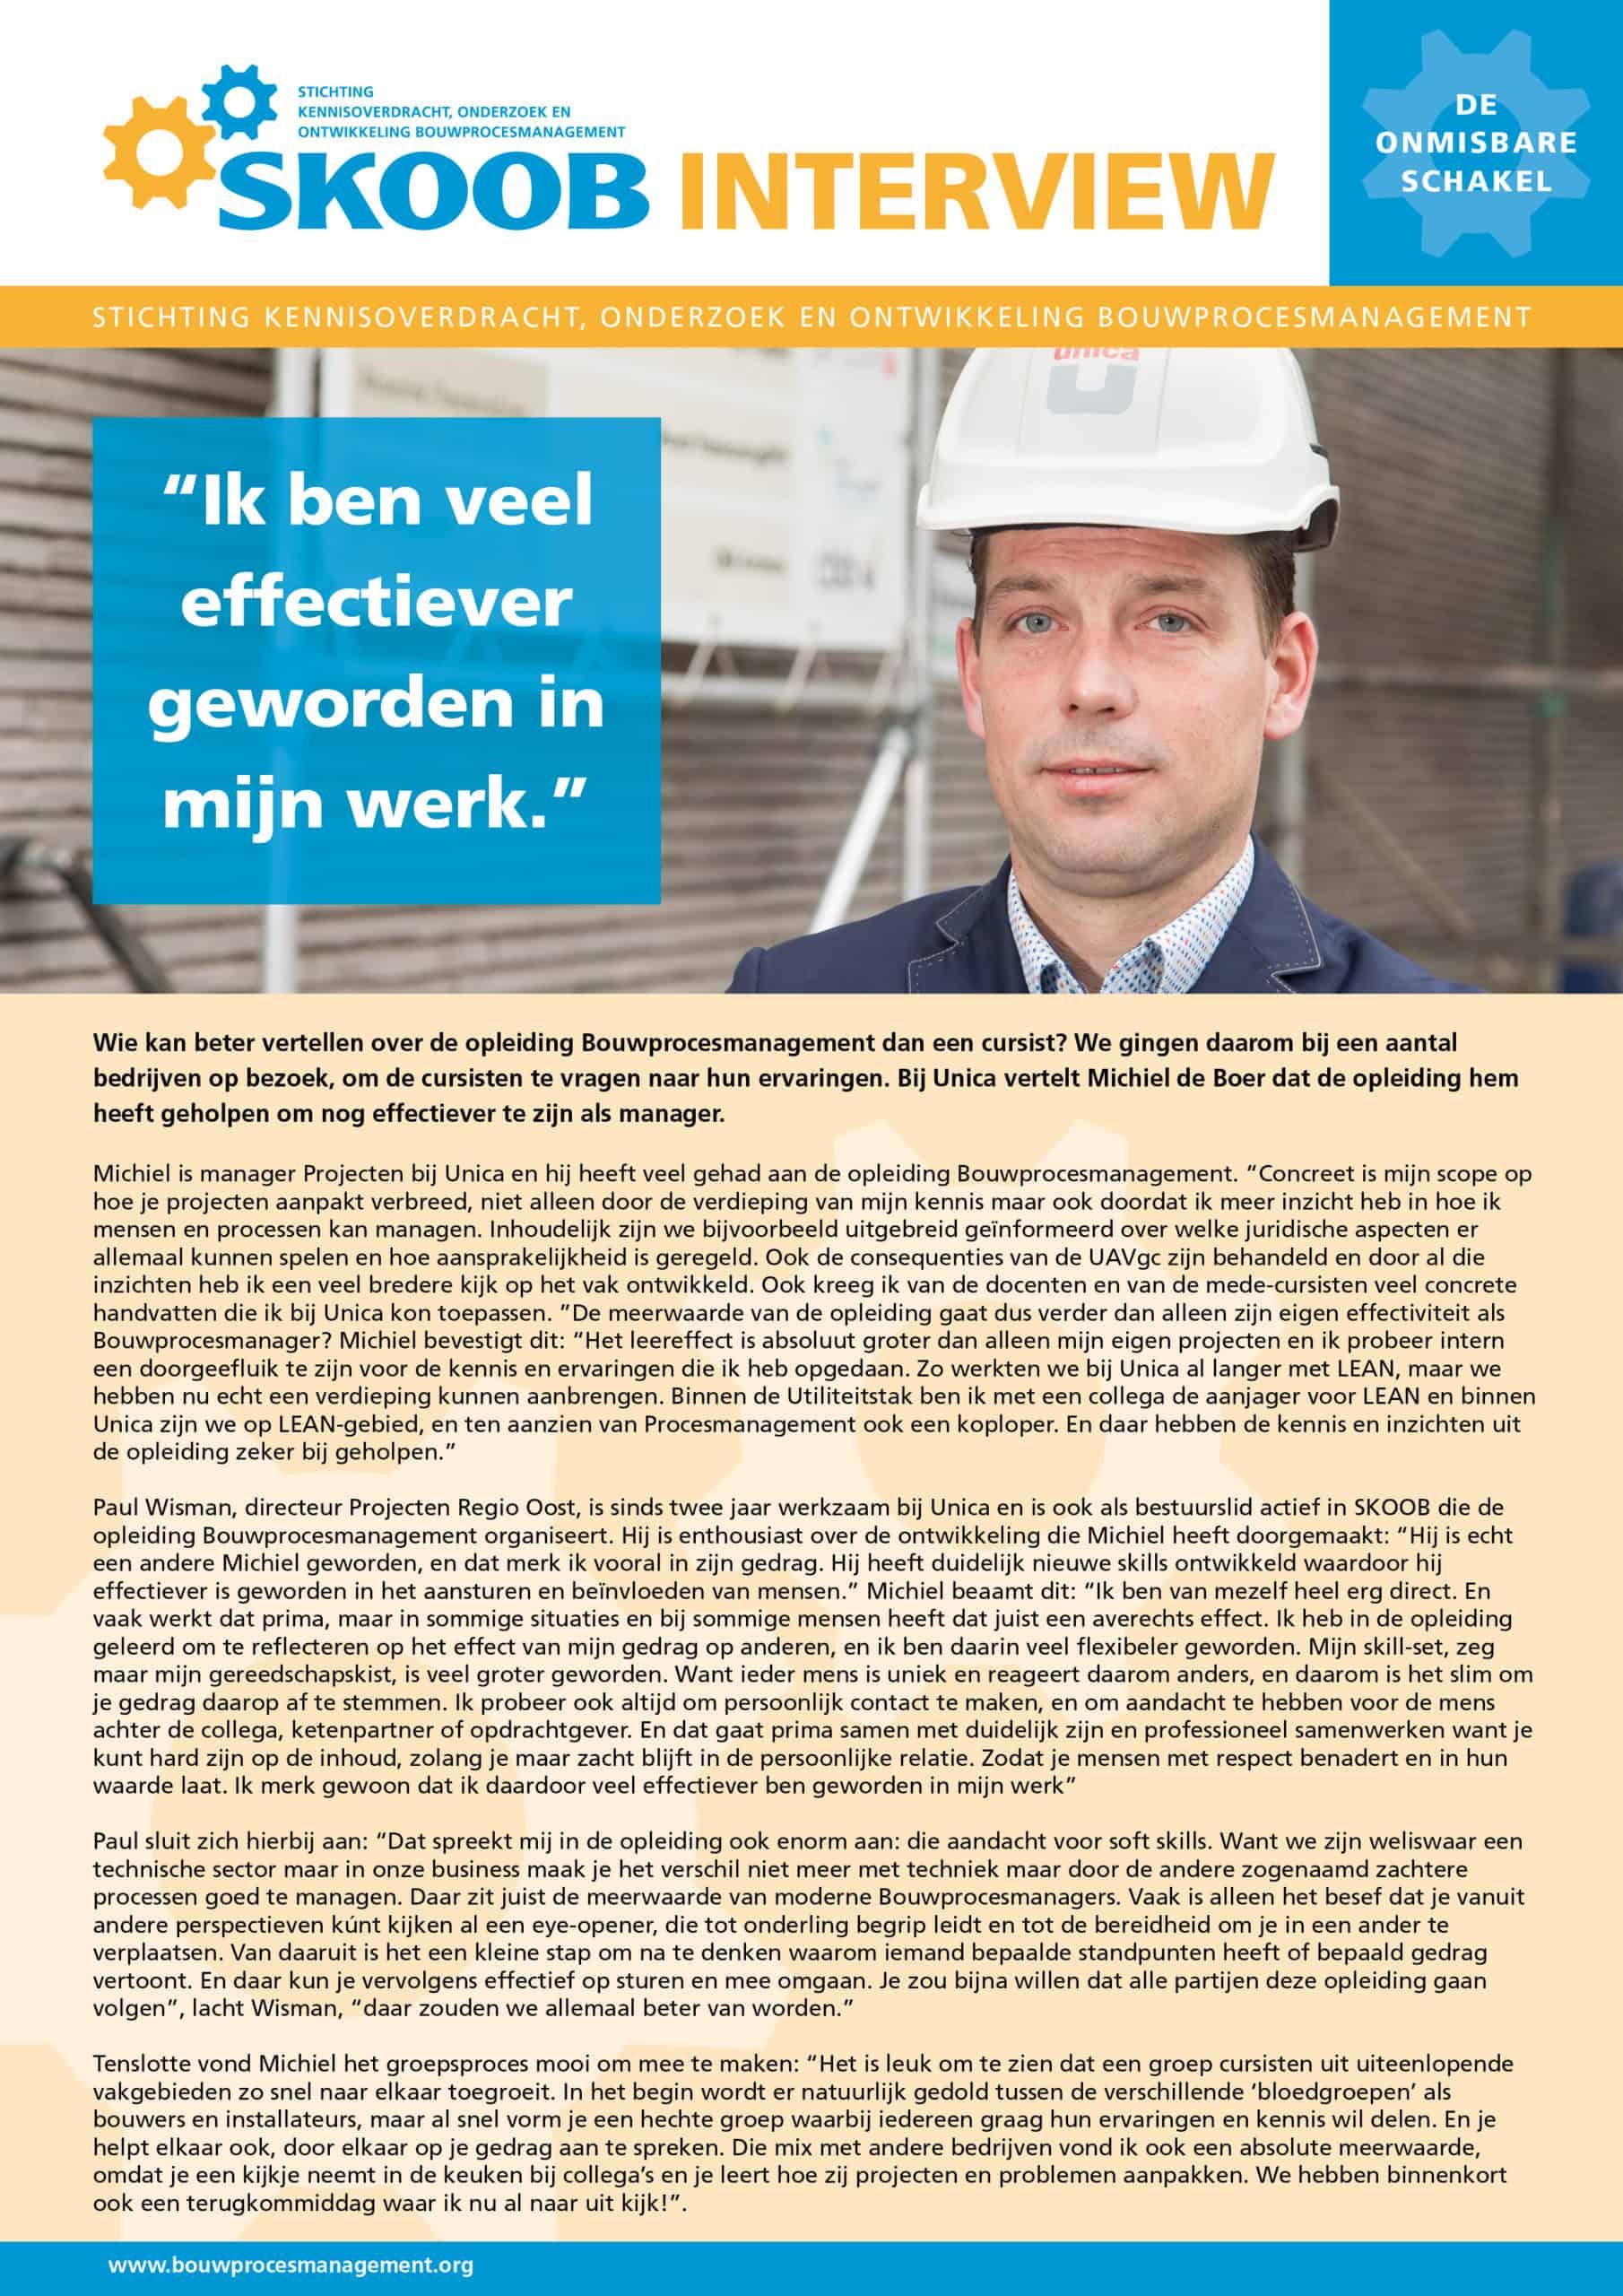 SKOOB_Interview_SKOOB_Interview_Michel de Boer_Unica.